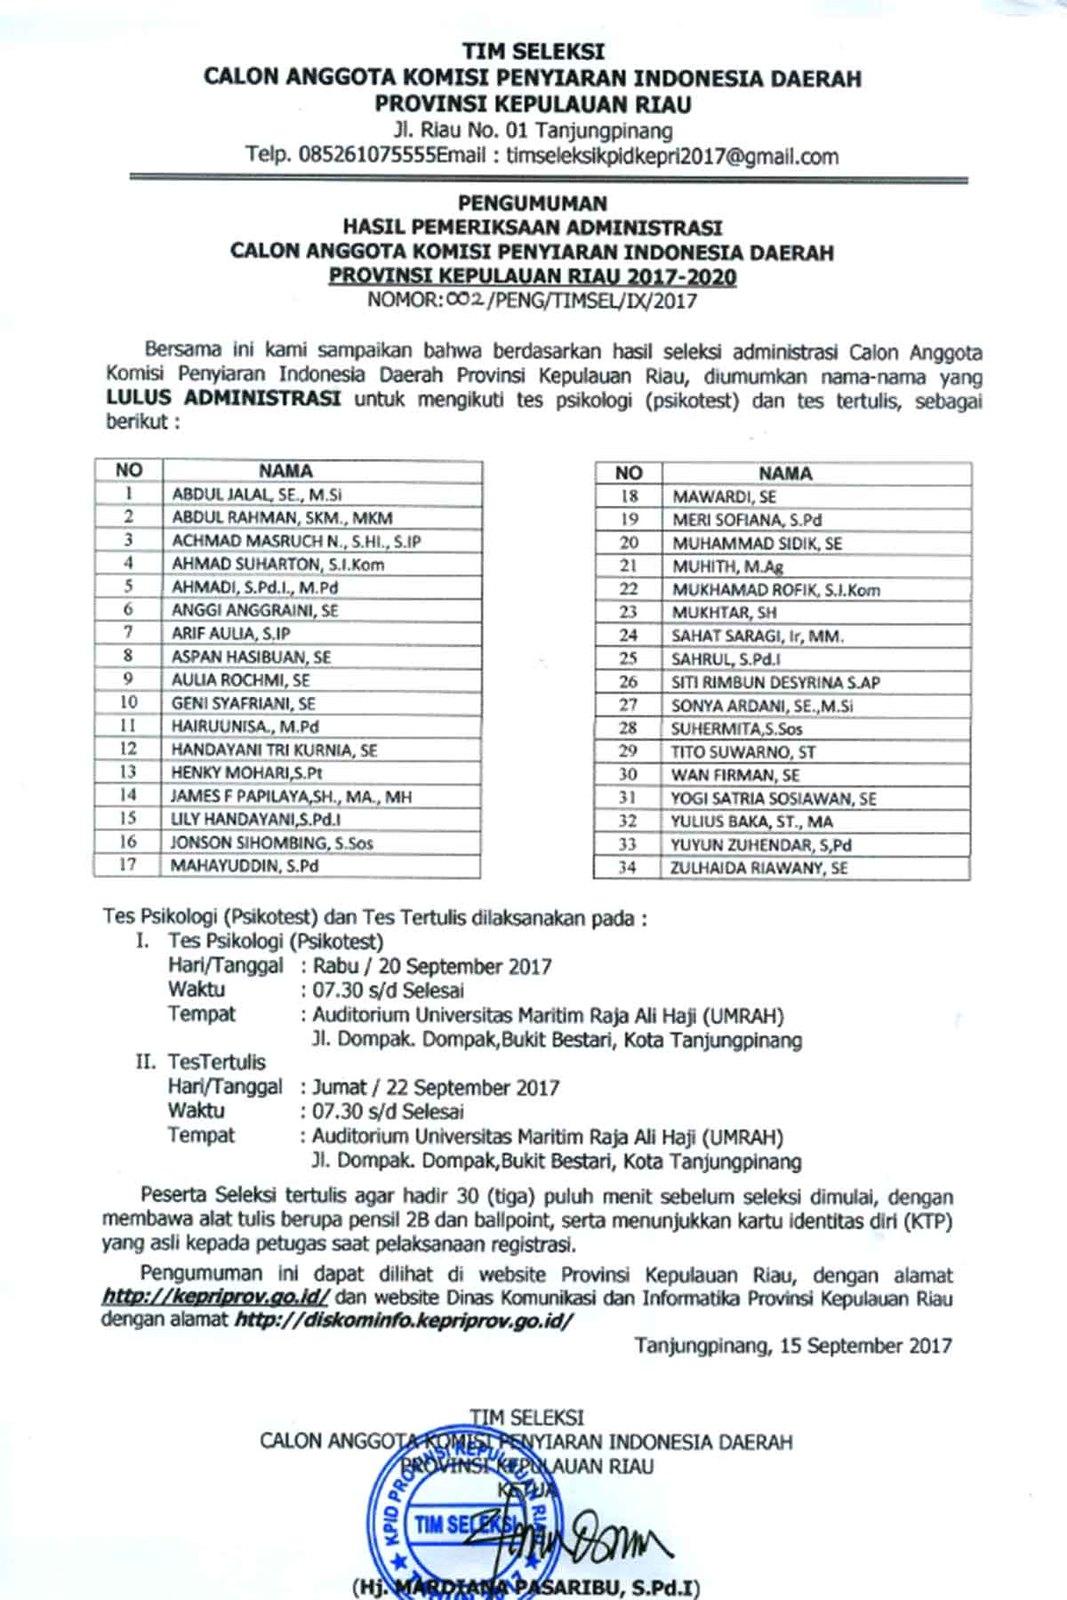 Pengumuman Calon Anggota KPID Provinsi Kepri